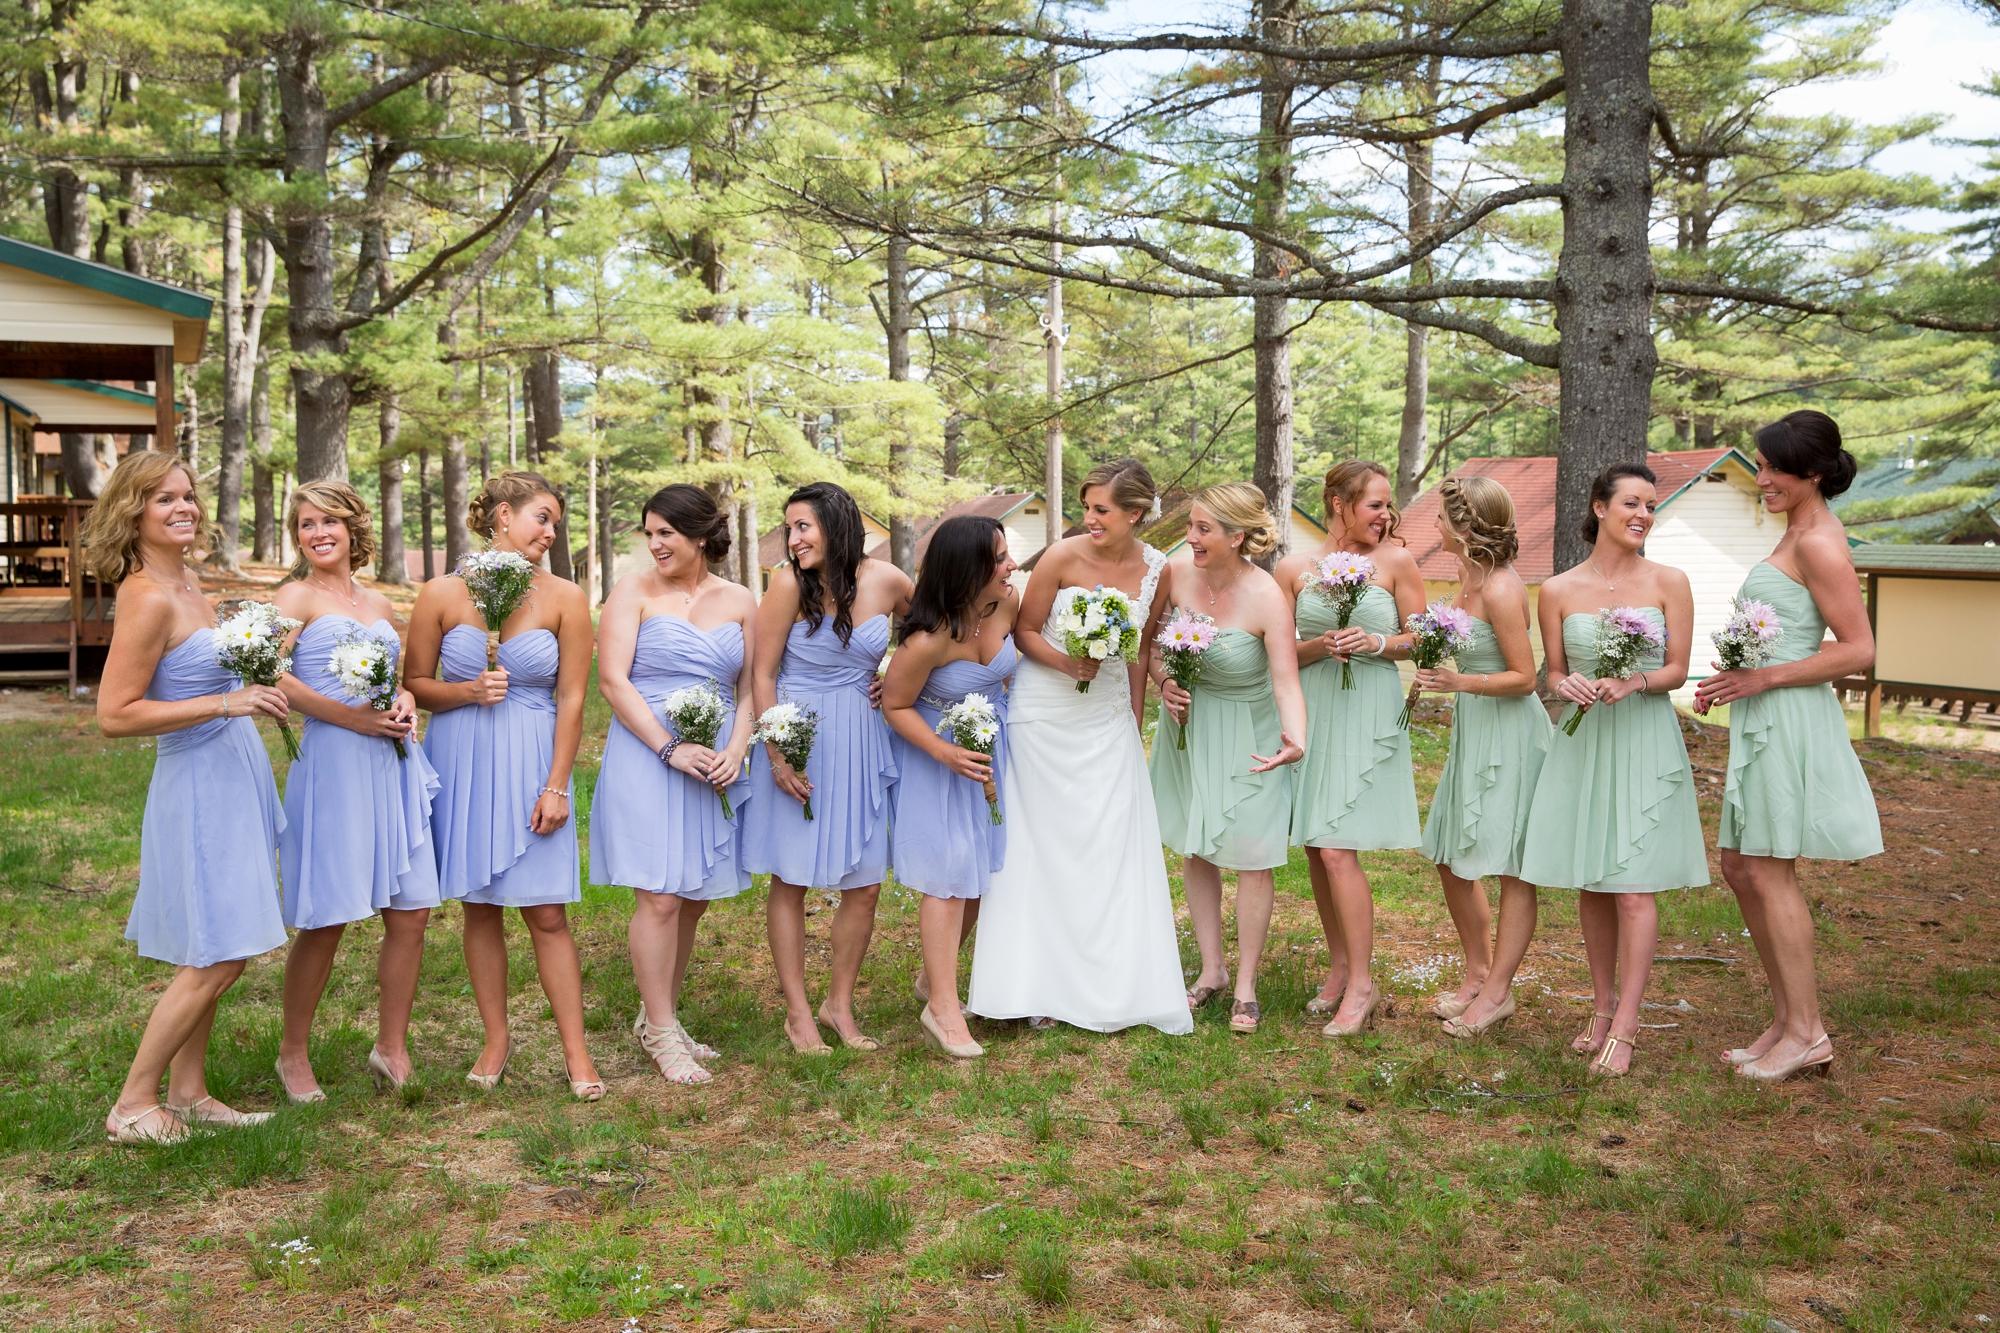 Albany NY Wedding Photographer Justin Tibbitts Photography 2014 Best of Albany NY Weddings-4673855